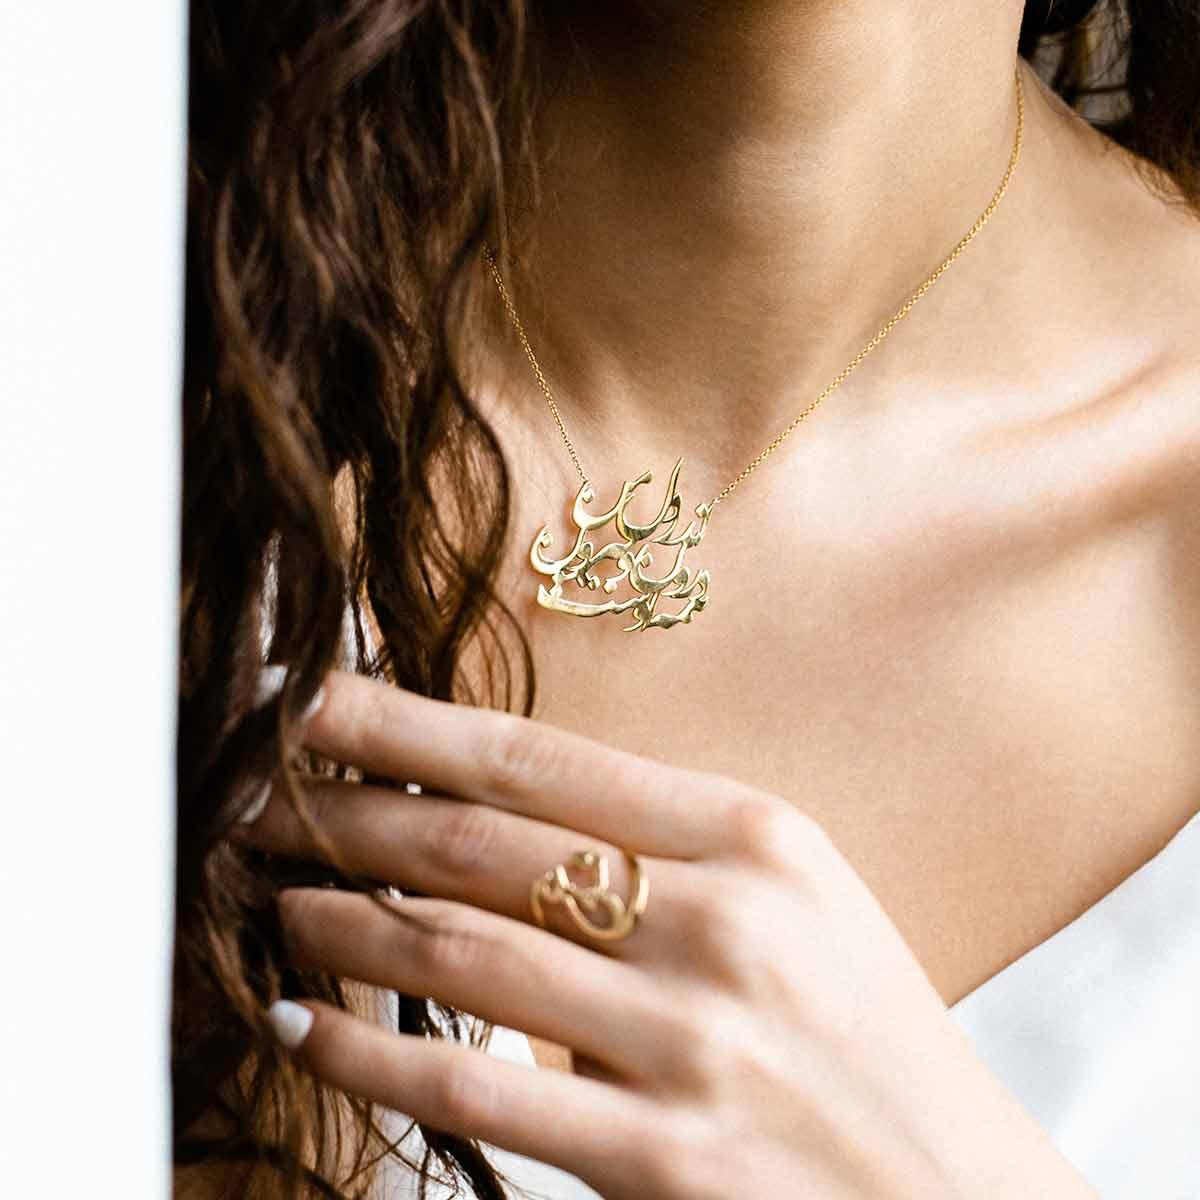 گردنبند طلا اندر دل من درون و برون همه اوست پرسته